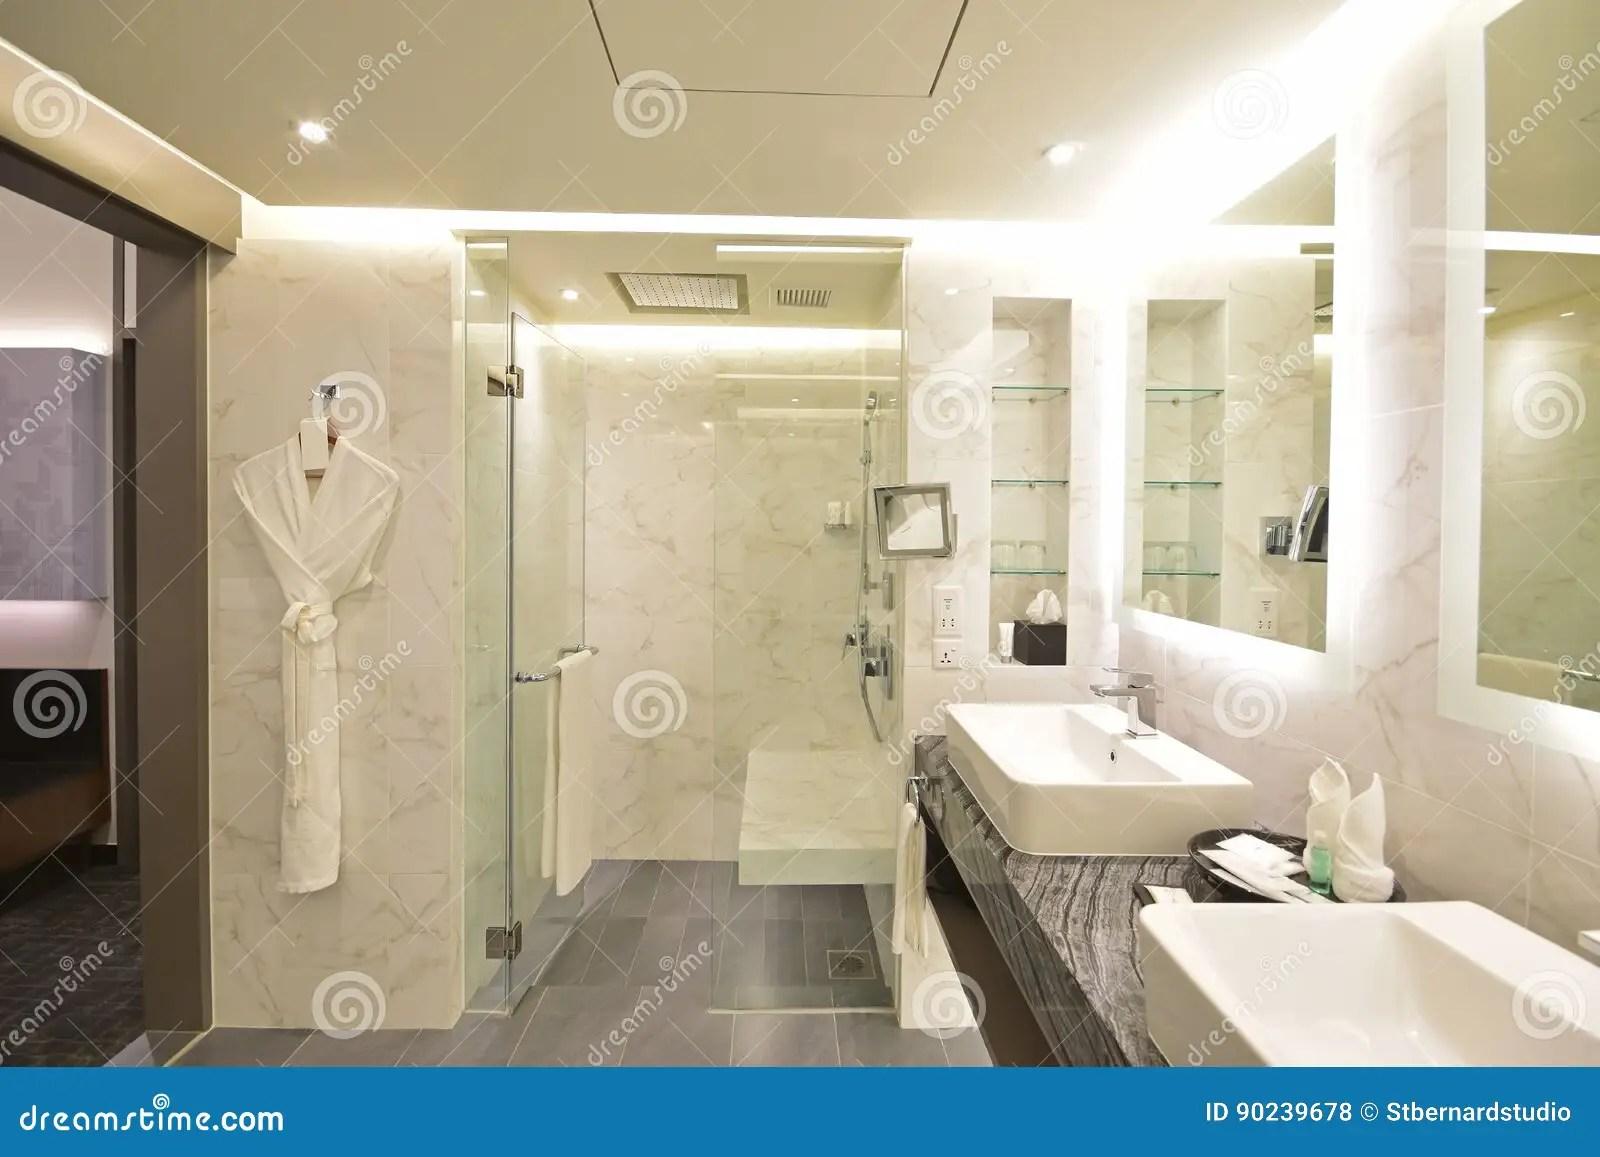 Salle De Bain Hotel Luxe | Hôtel Avec Jacuzzi Dans La Chambre Luxe ...